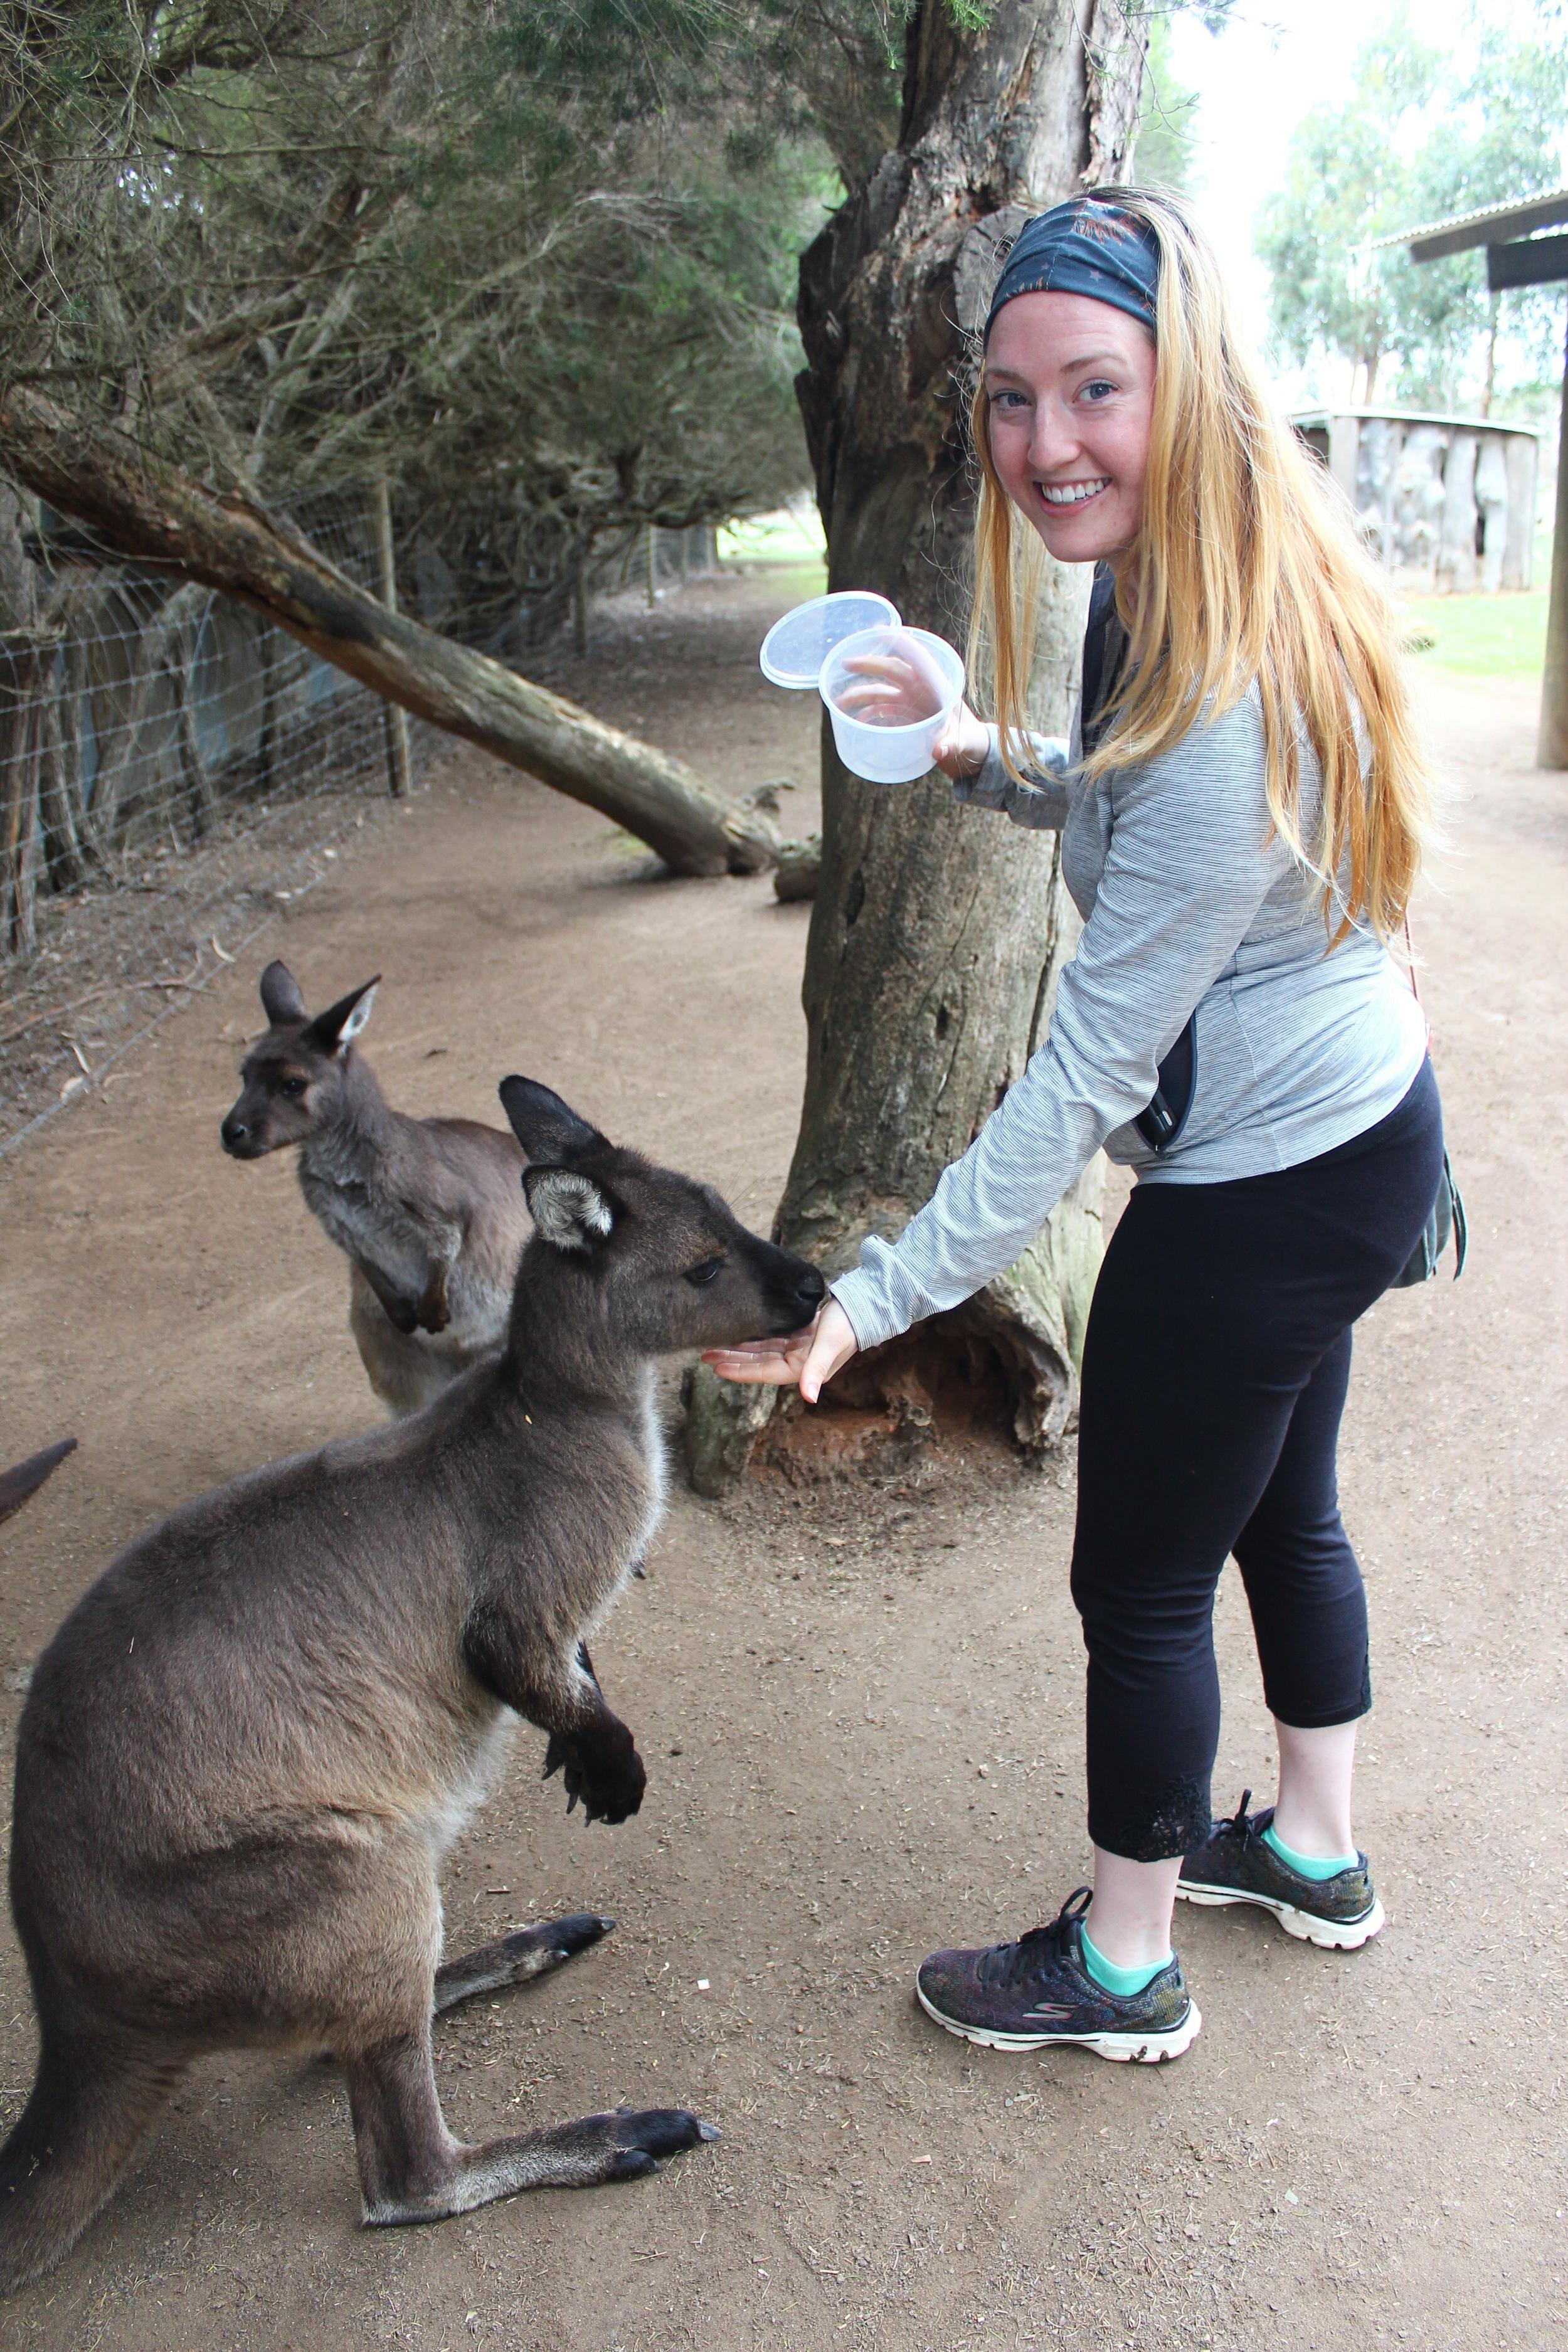 Me feeding a kangaroo!